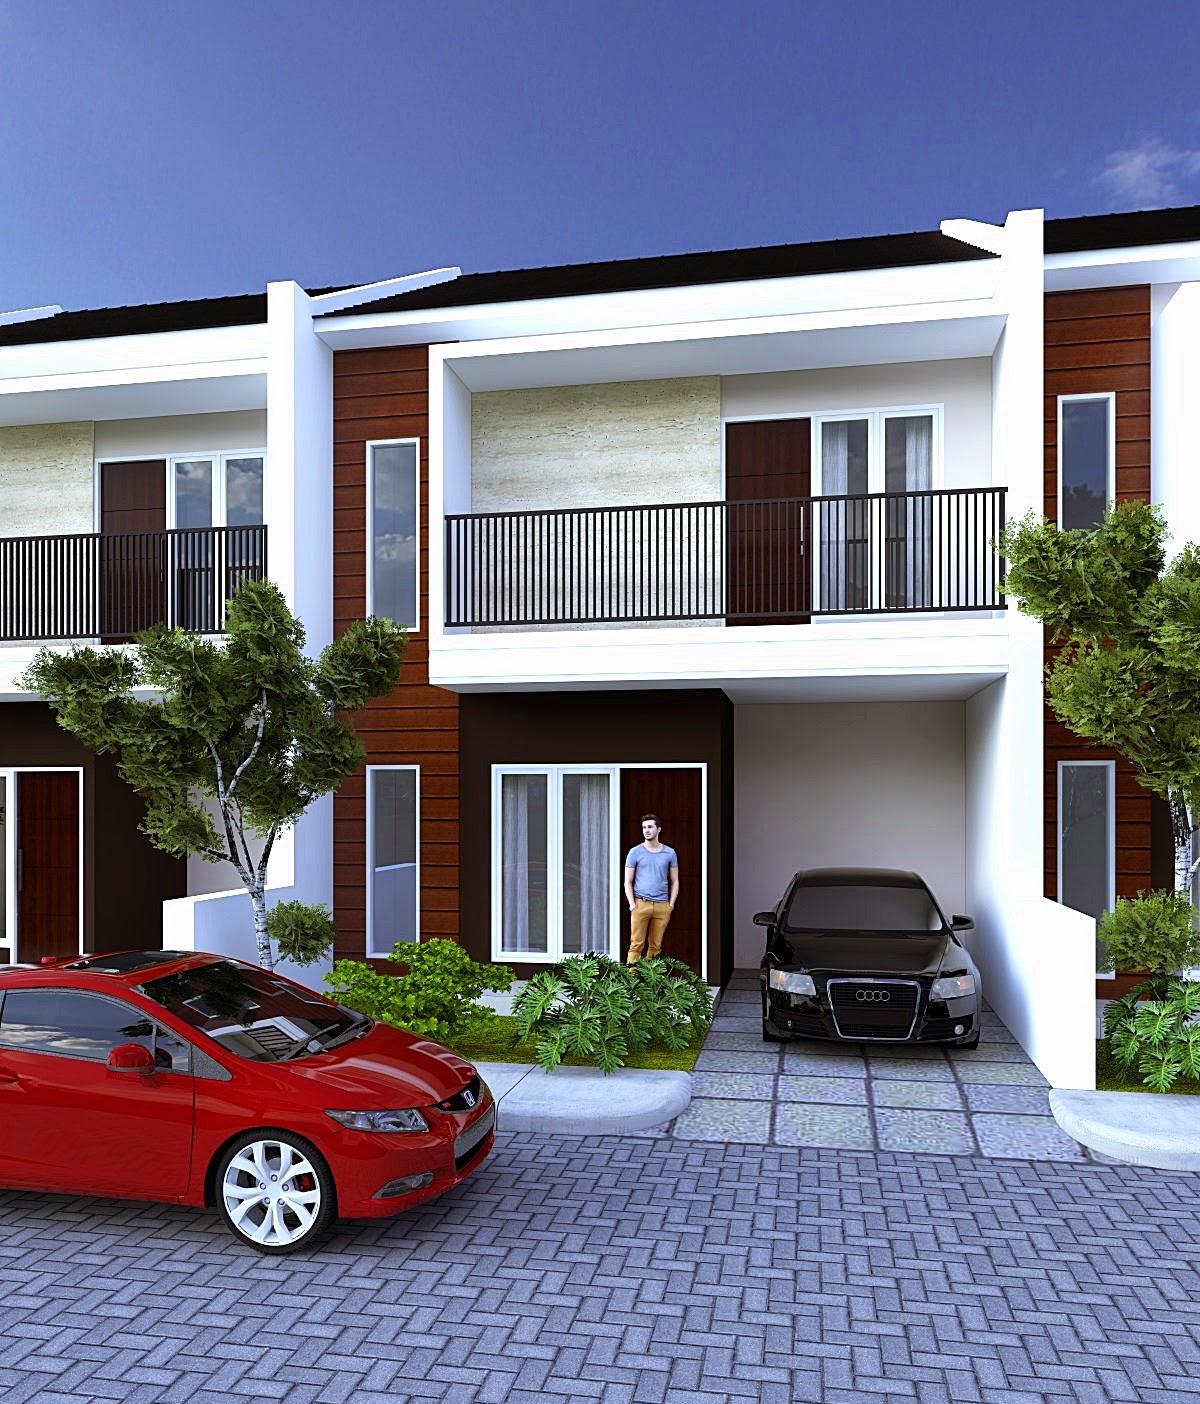 Bali agung property dijual rumah minimalis tipe 150 for Minimalist house for sale